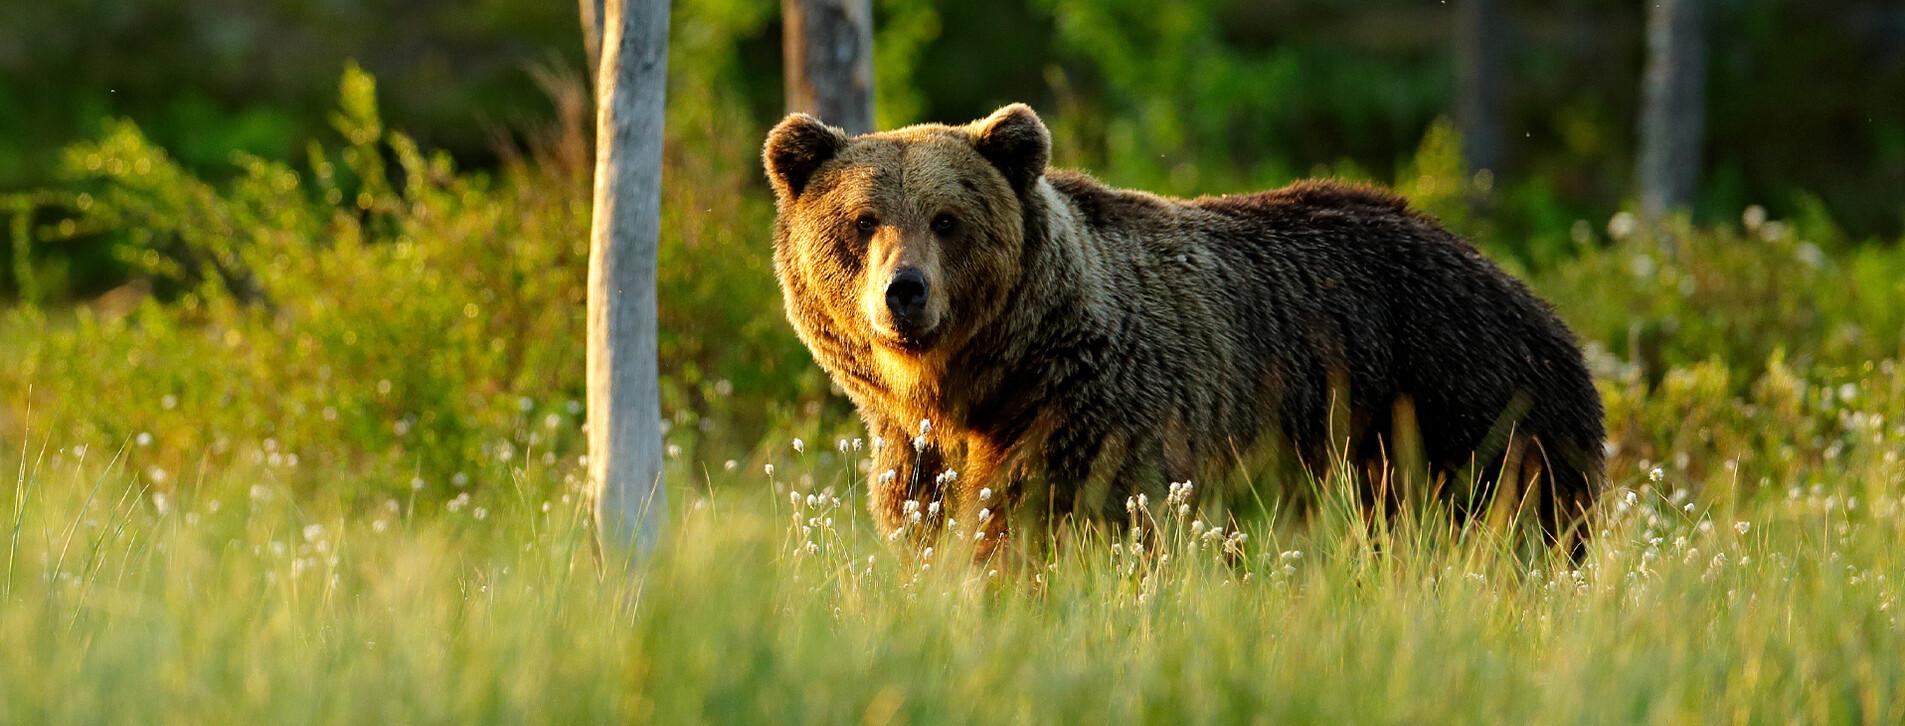 Фото 1 - Экскурсия в медвежий приют с завтраком